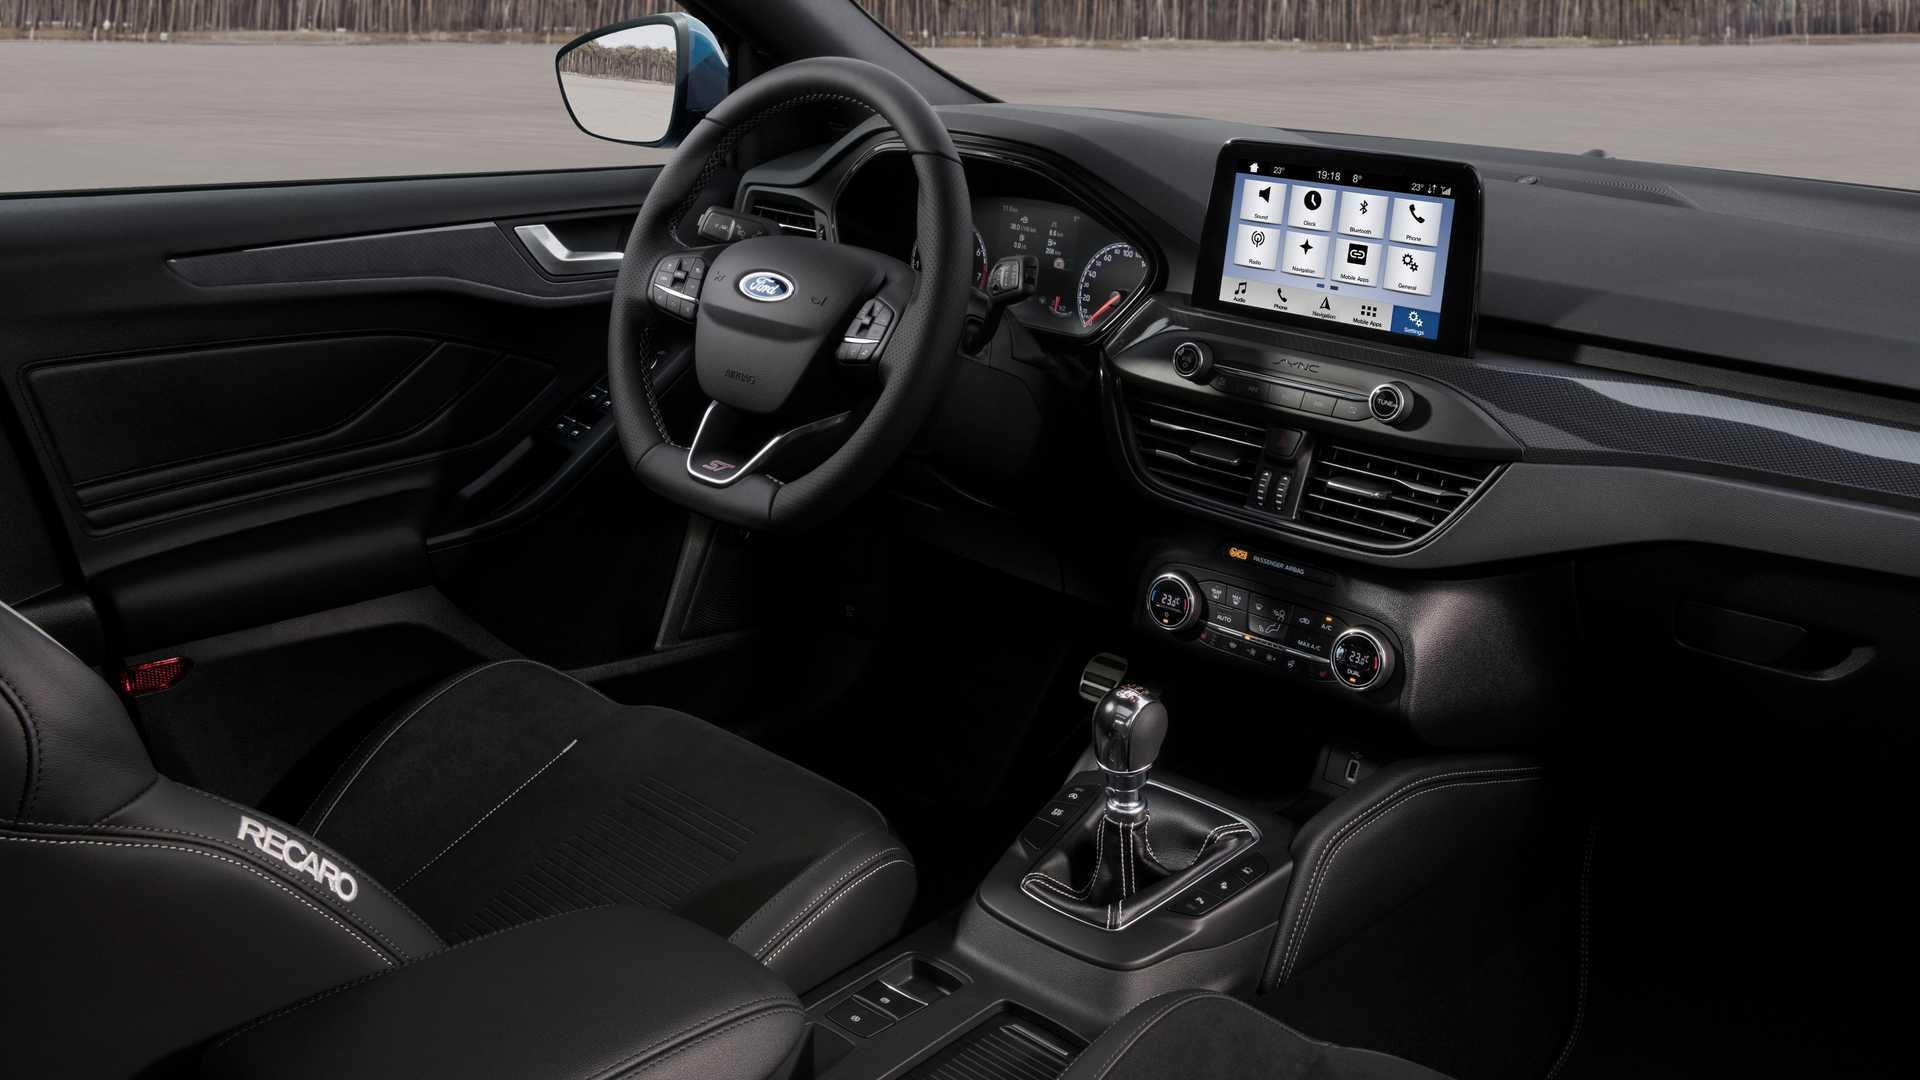 Ford Focus ST Picture Interior